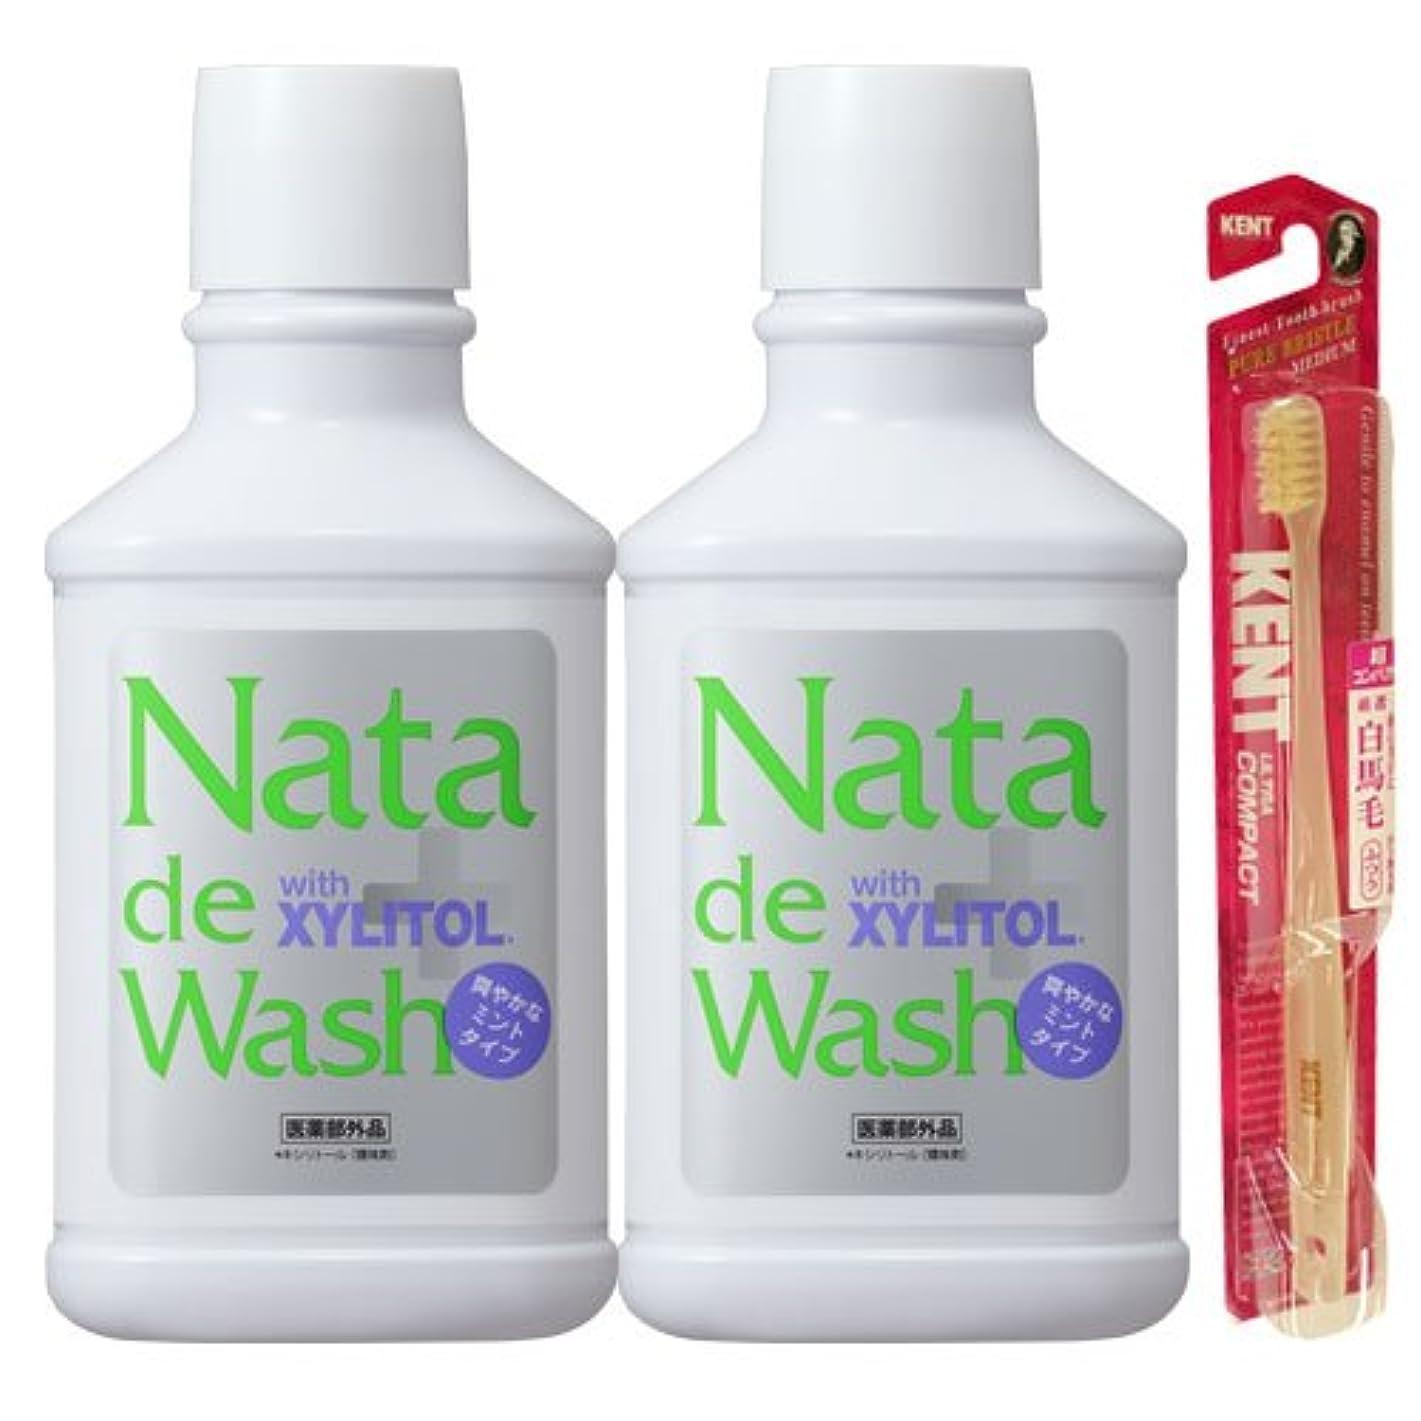 ウガンダ基本的なフリース薬用ナタデウォッシュ 爽やかなミントタイプ 500ml 2本& KENT歯ブラシ1本プレゼント